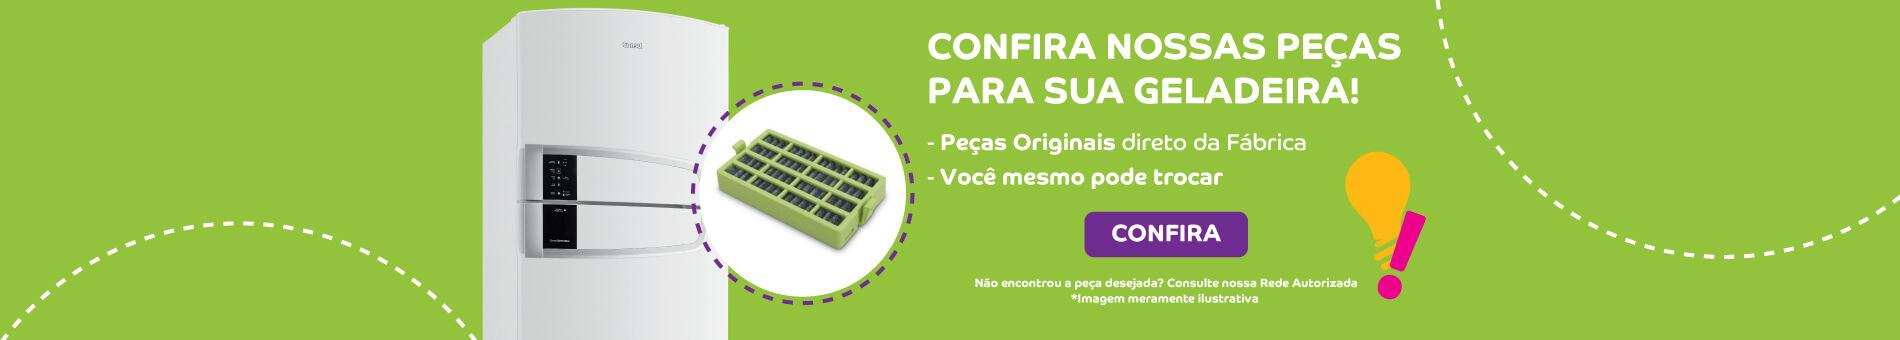 Promoção Interna - 377 - pecasdereposicao_paragelar_categoria_12042016 - paragelar - 1